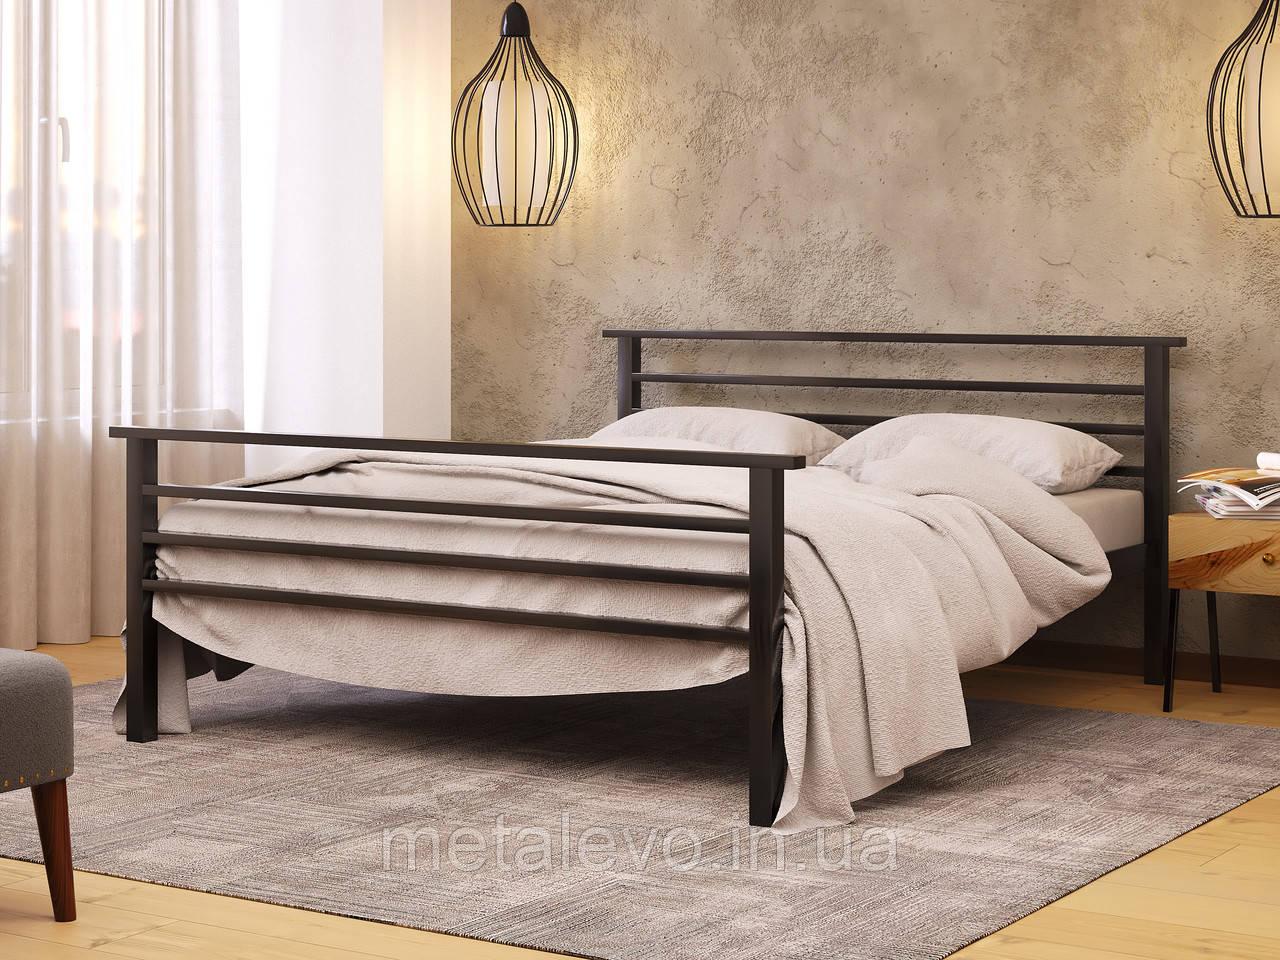 Металлическая кровать с изножьем ЛЕКС-2 (LEX-2)